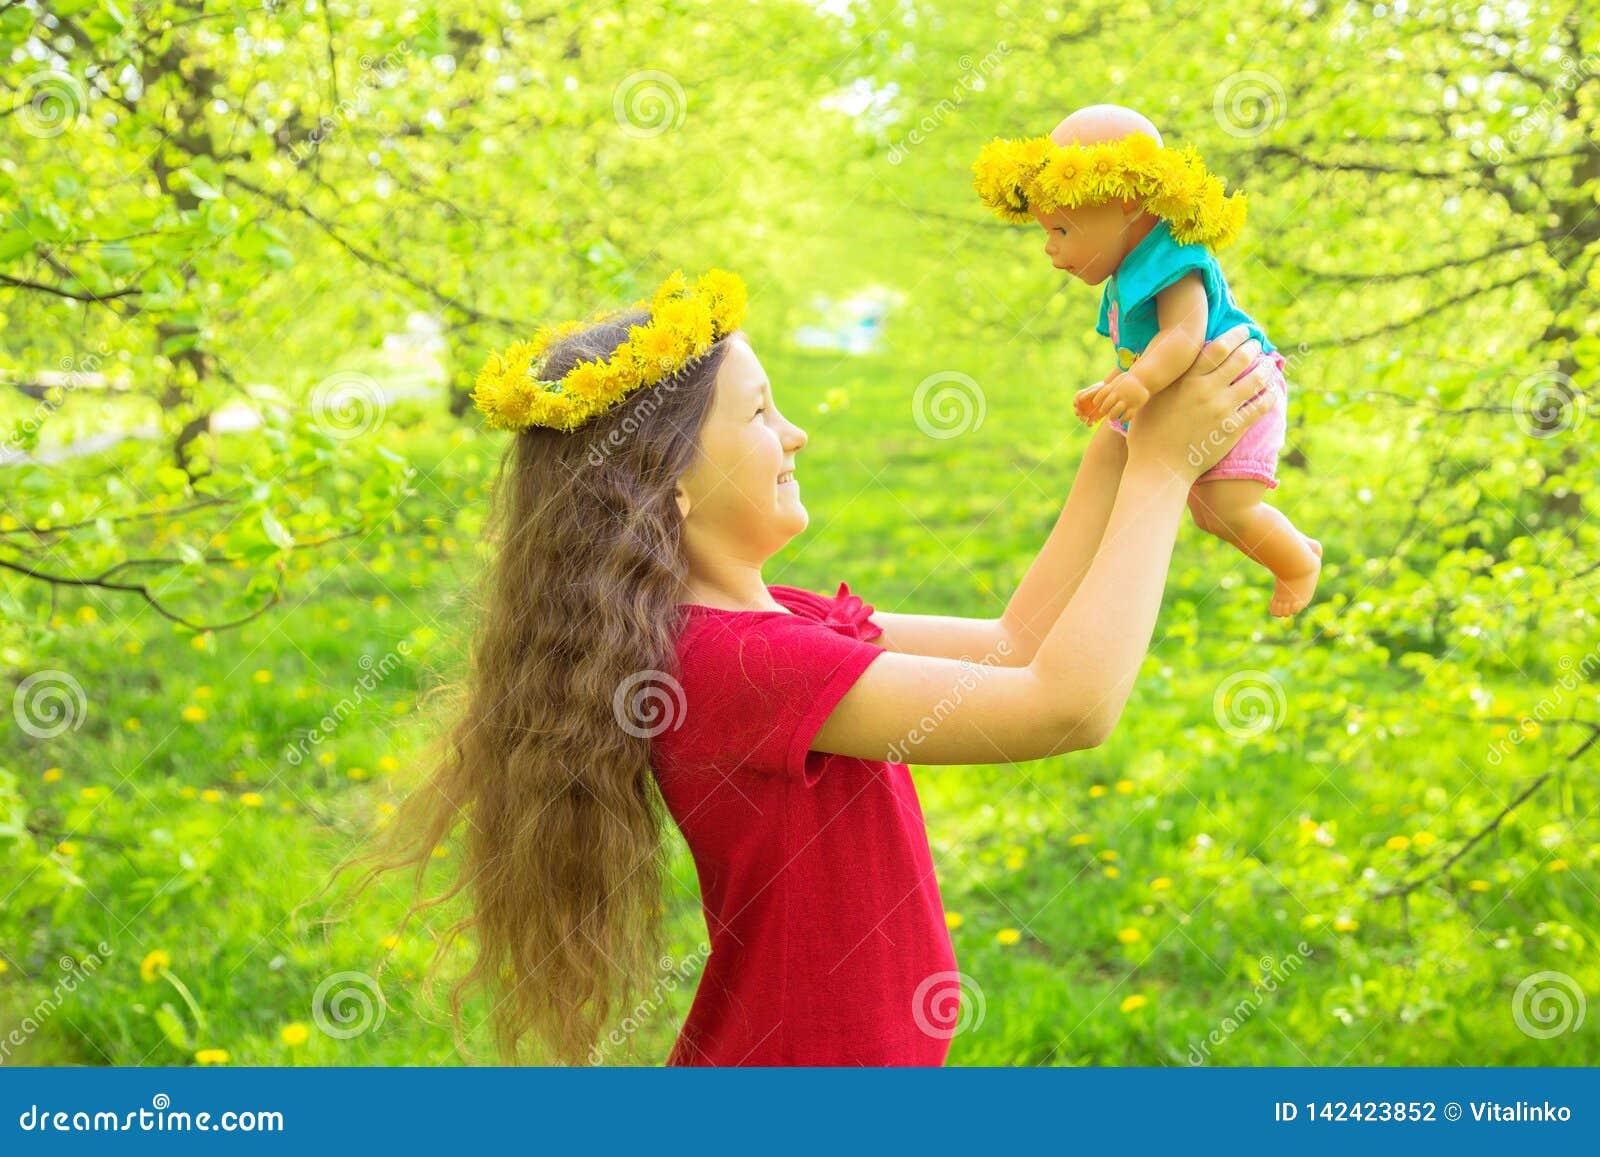 Kleinkind spielt mit einer Puppe Glückliche Familie für Ihr,